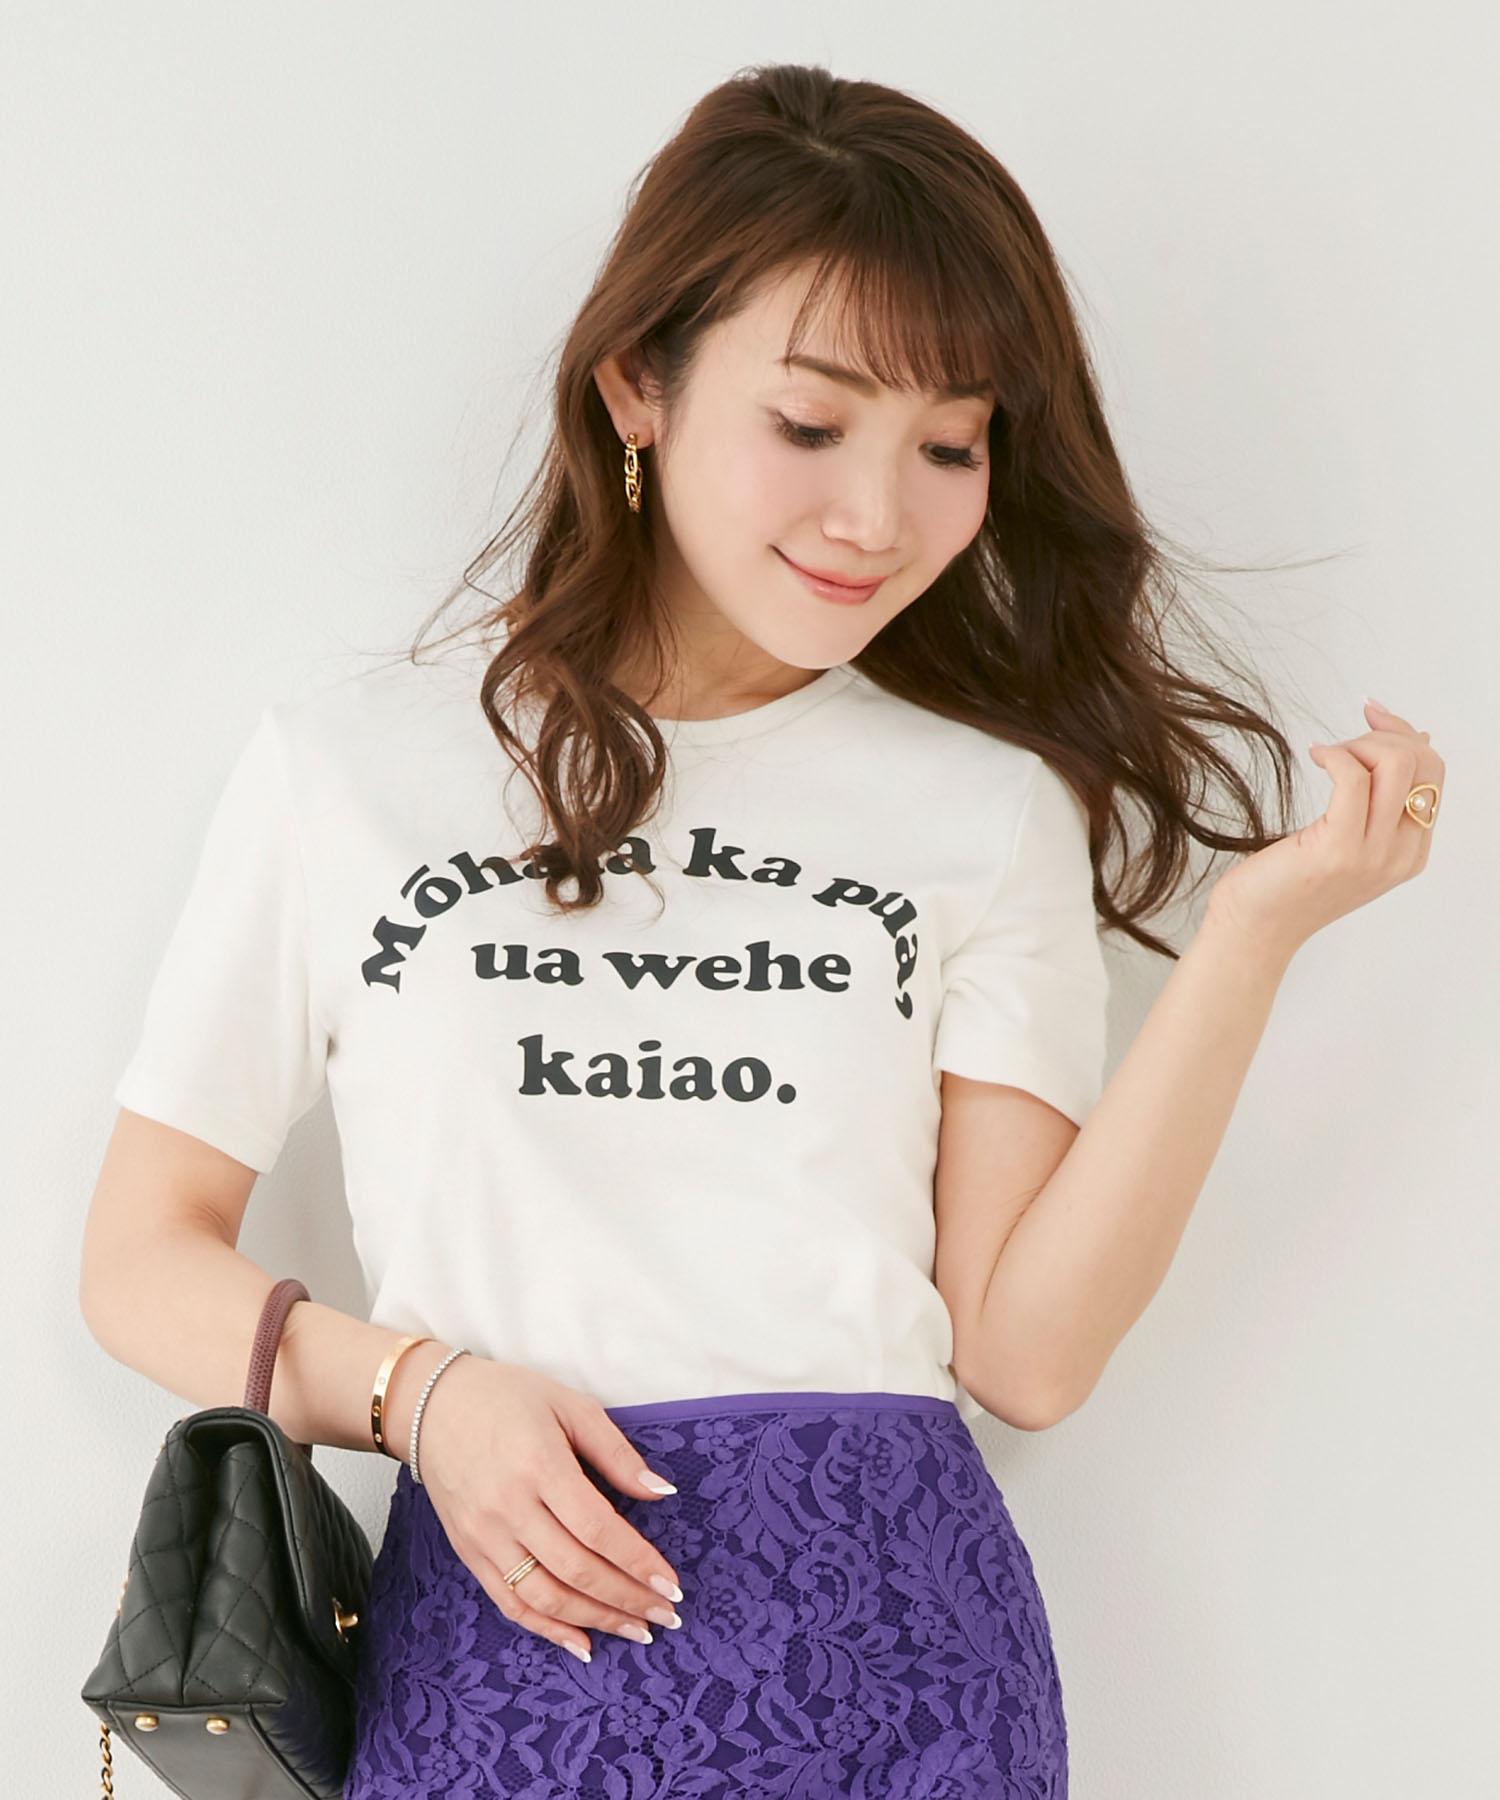 使いやすいと高評価!Liala×PGで大hit中のTシャツ ロゴ プリント。